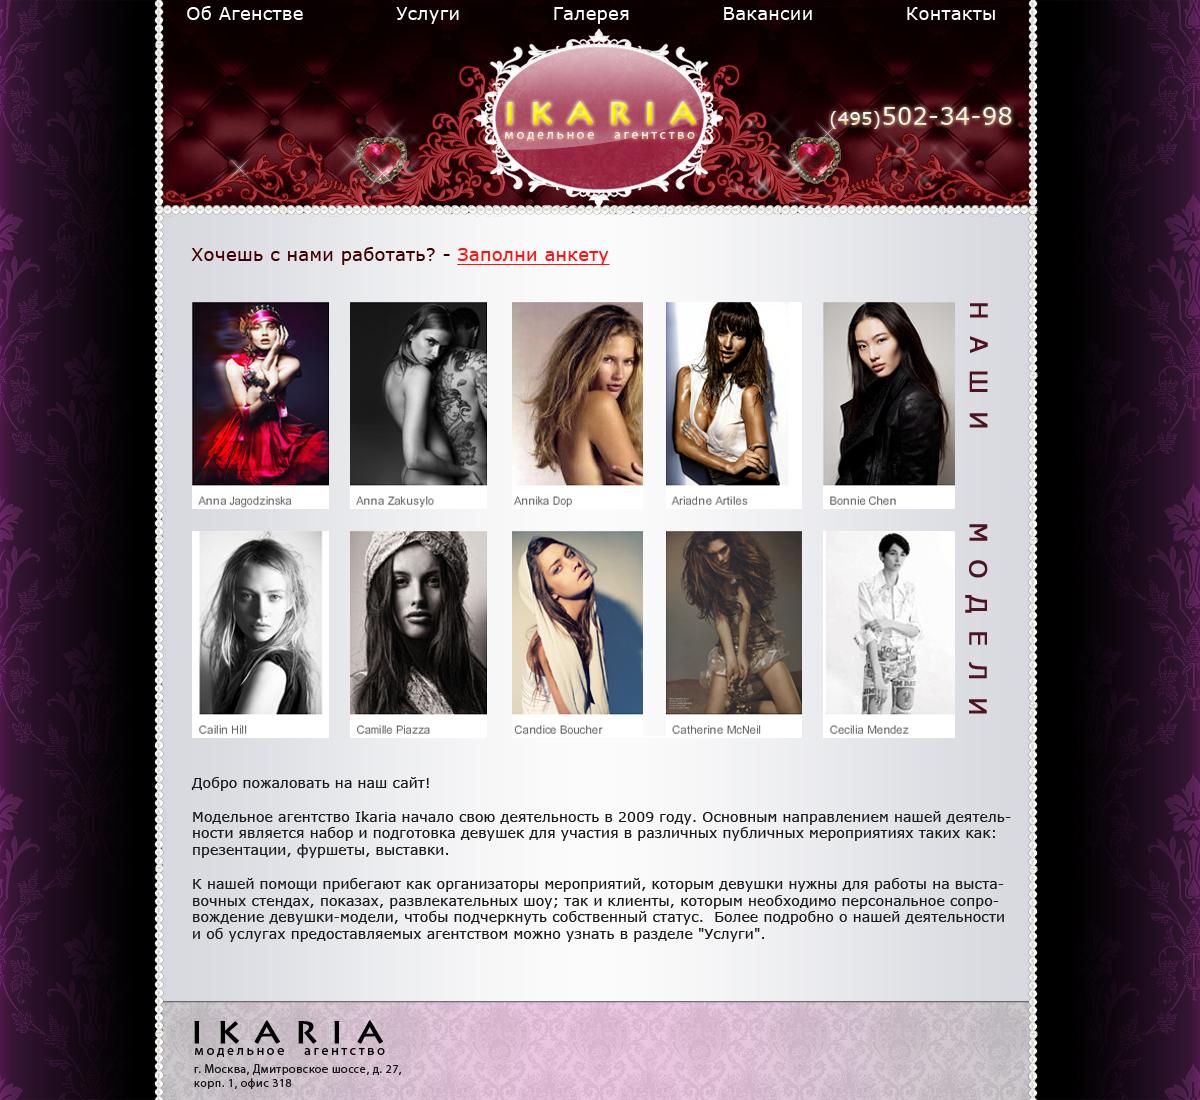 Икария - модельное агентство